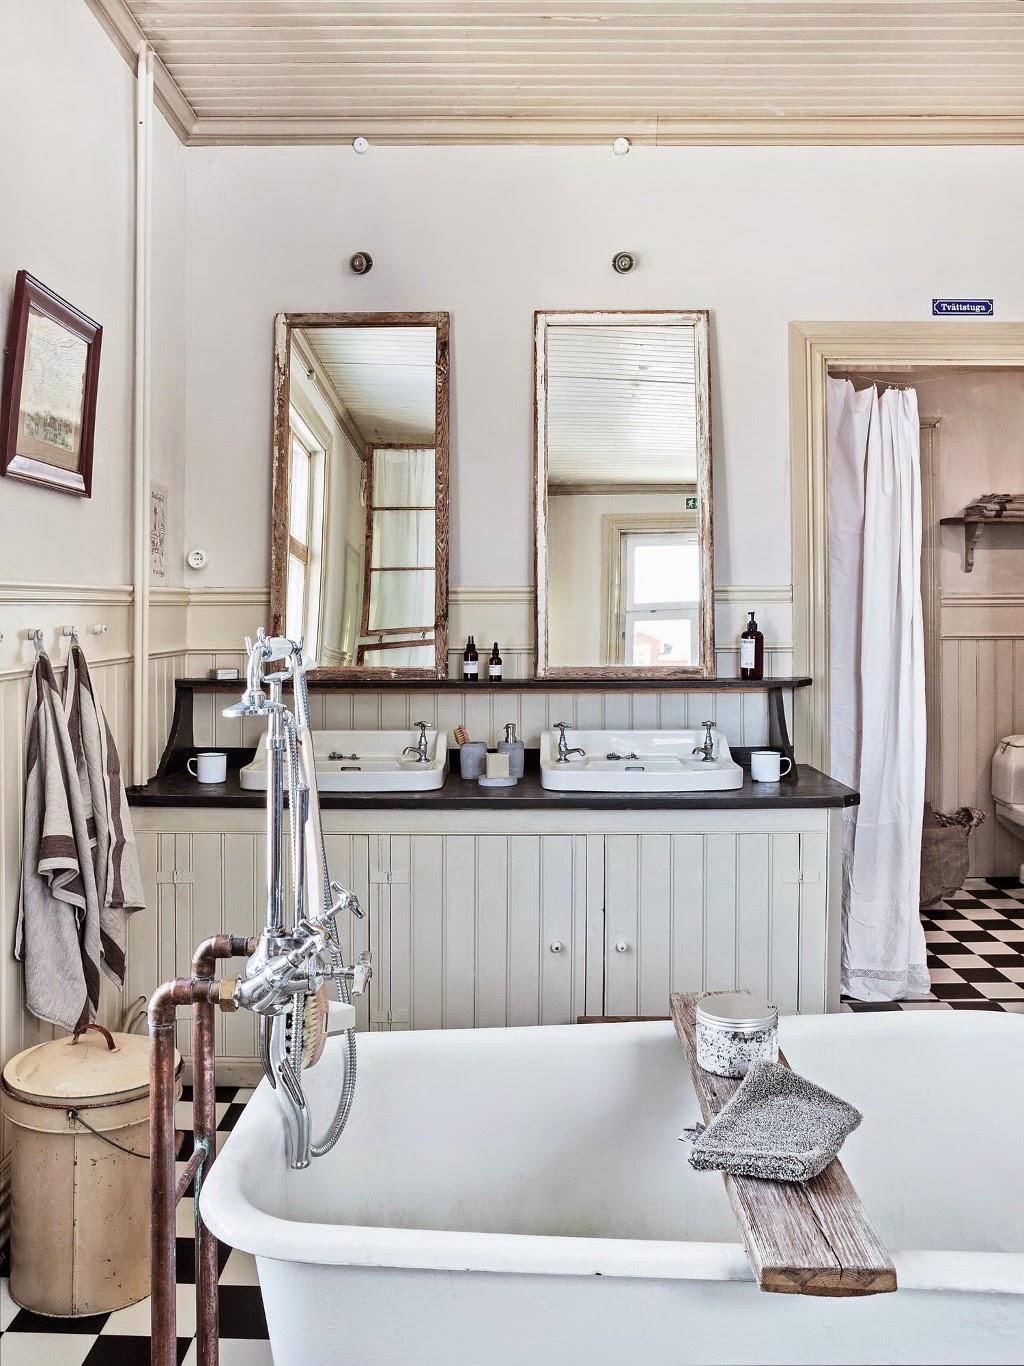 Baños Estilo Antiguo:Banos+Estilo+Antiguo banos estilo industrial36